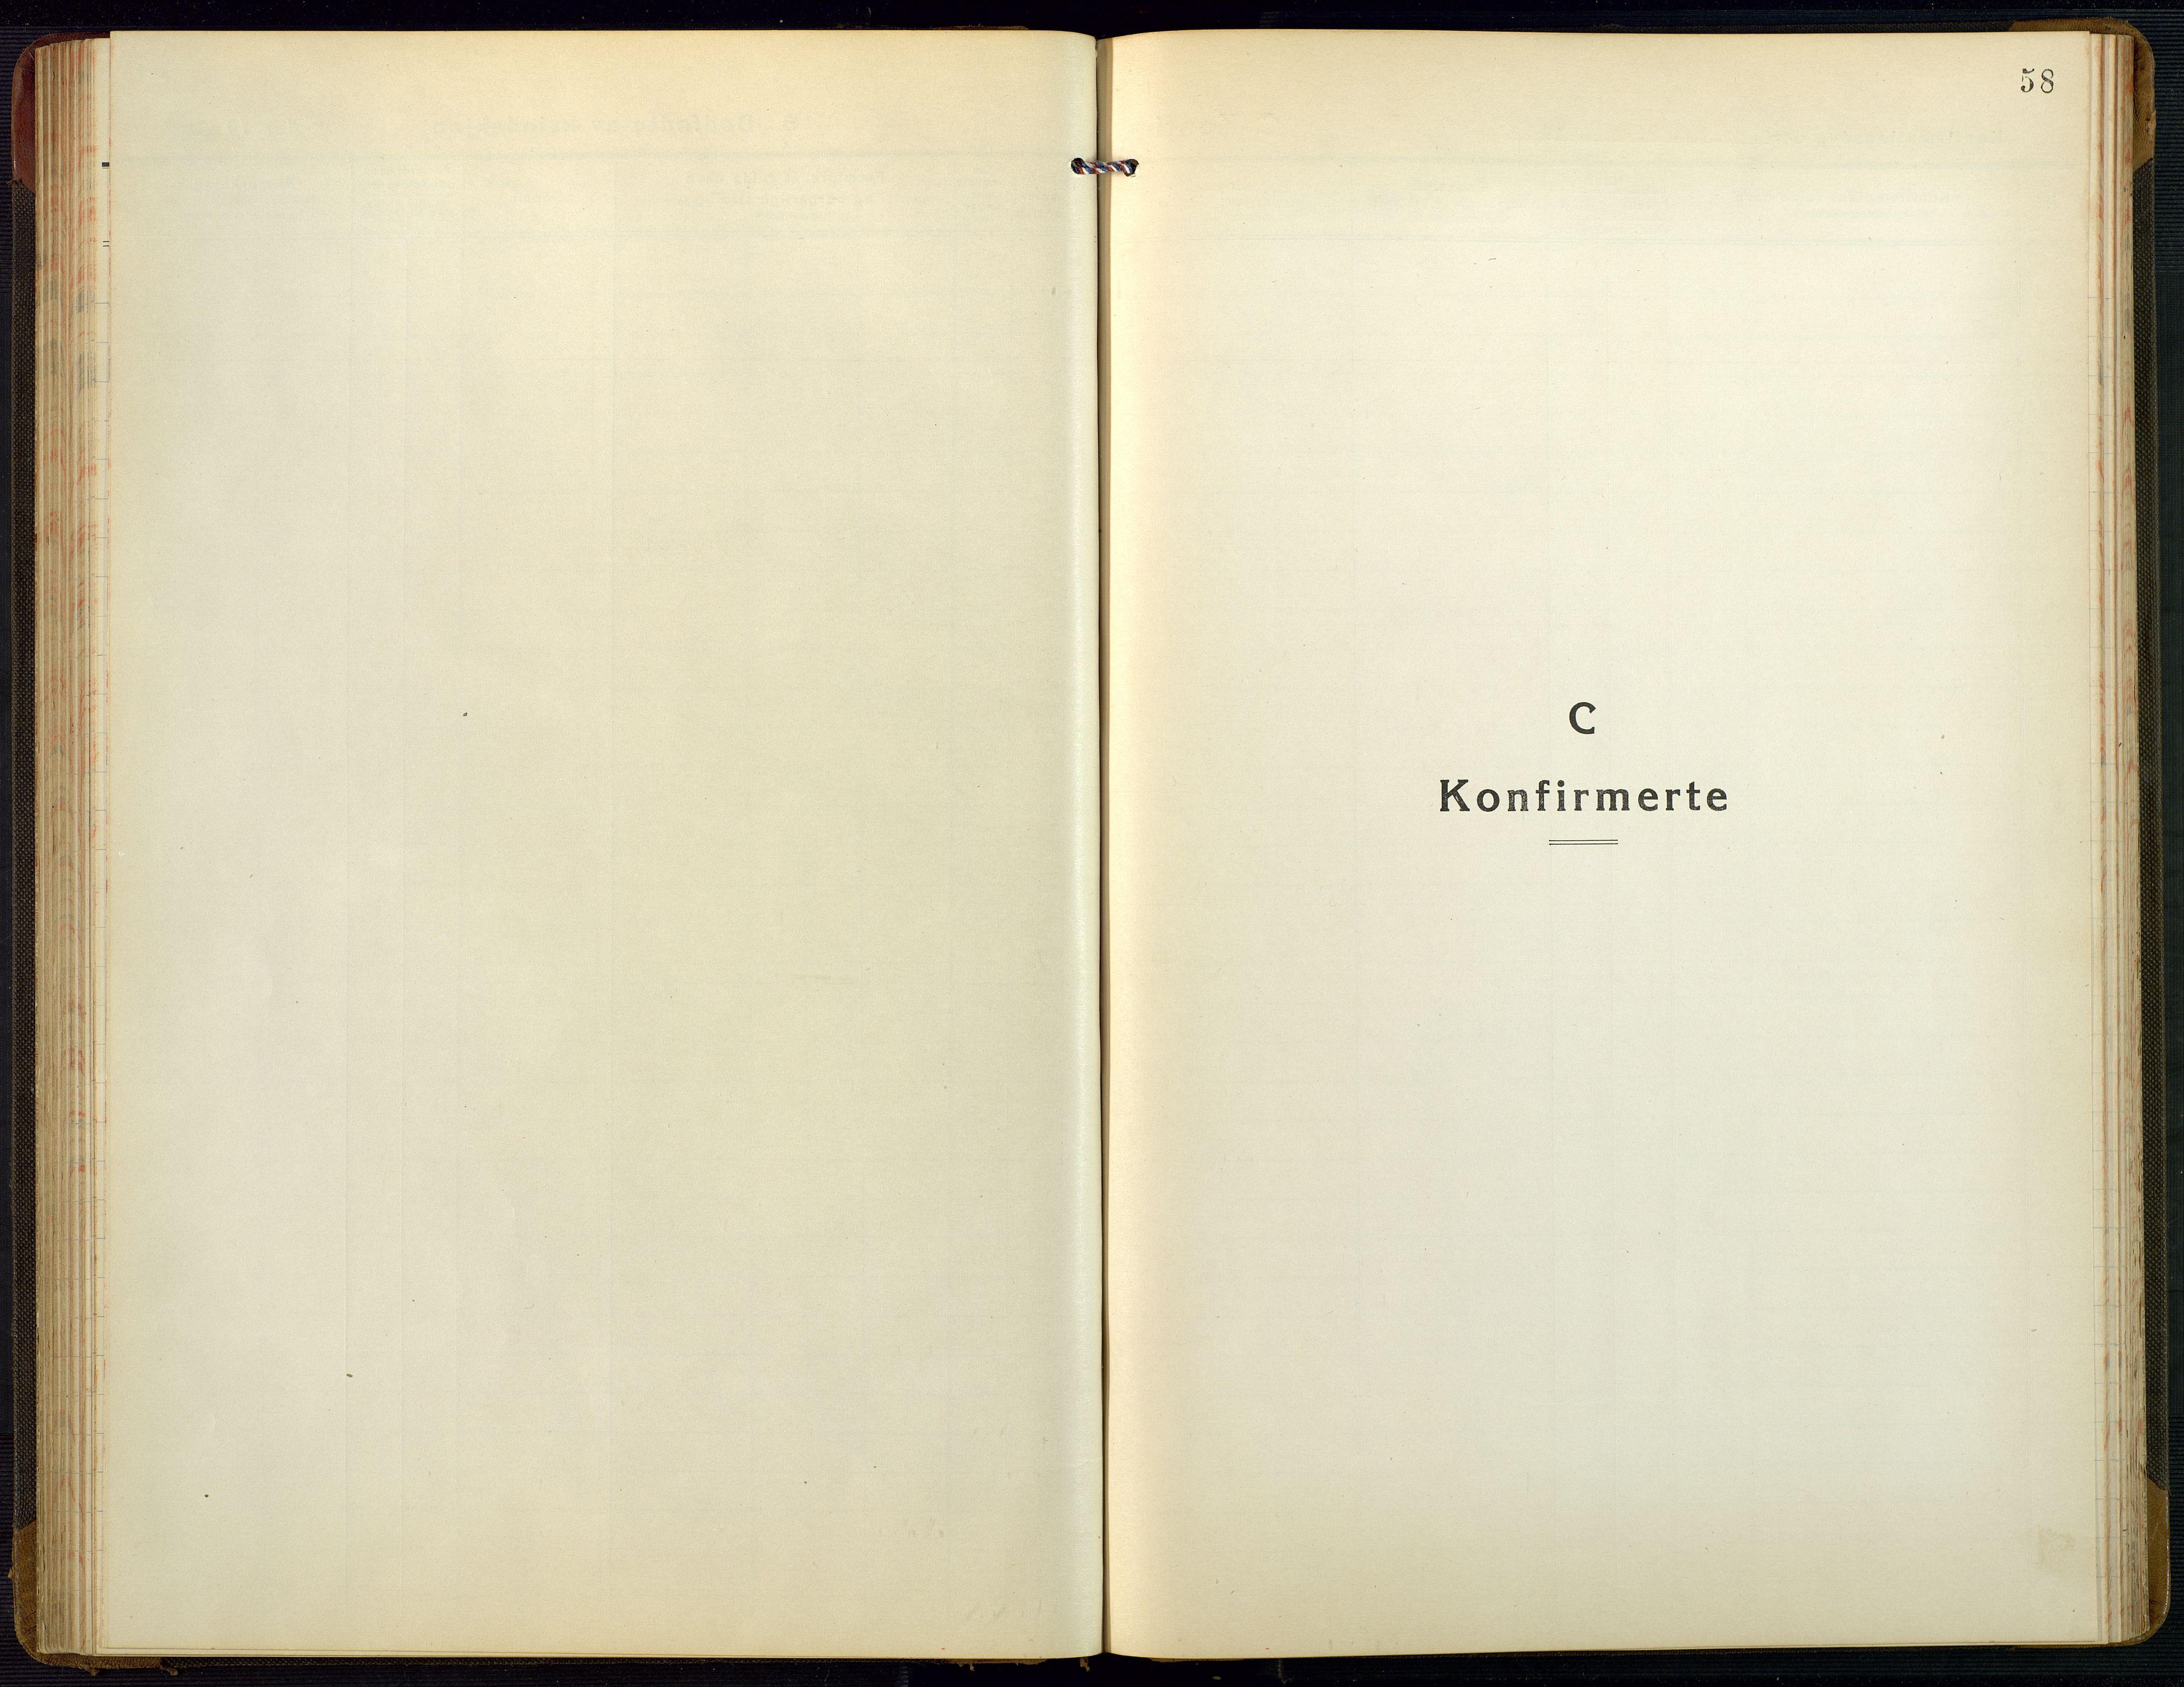 SAK, Bygland sokneprestkontor, F/Fb/Fbb/L0005: Klokkerbok nr. B 5, 1920-1955, s. 58